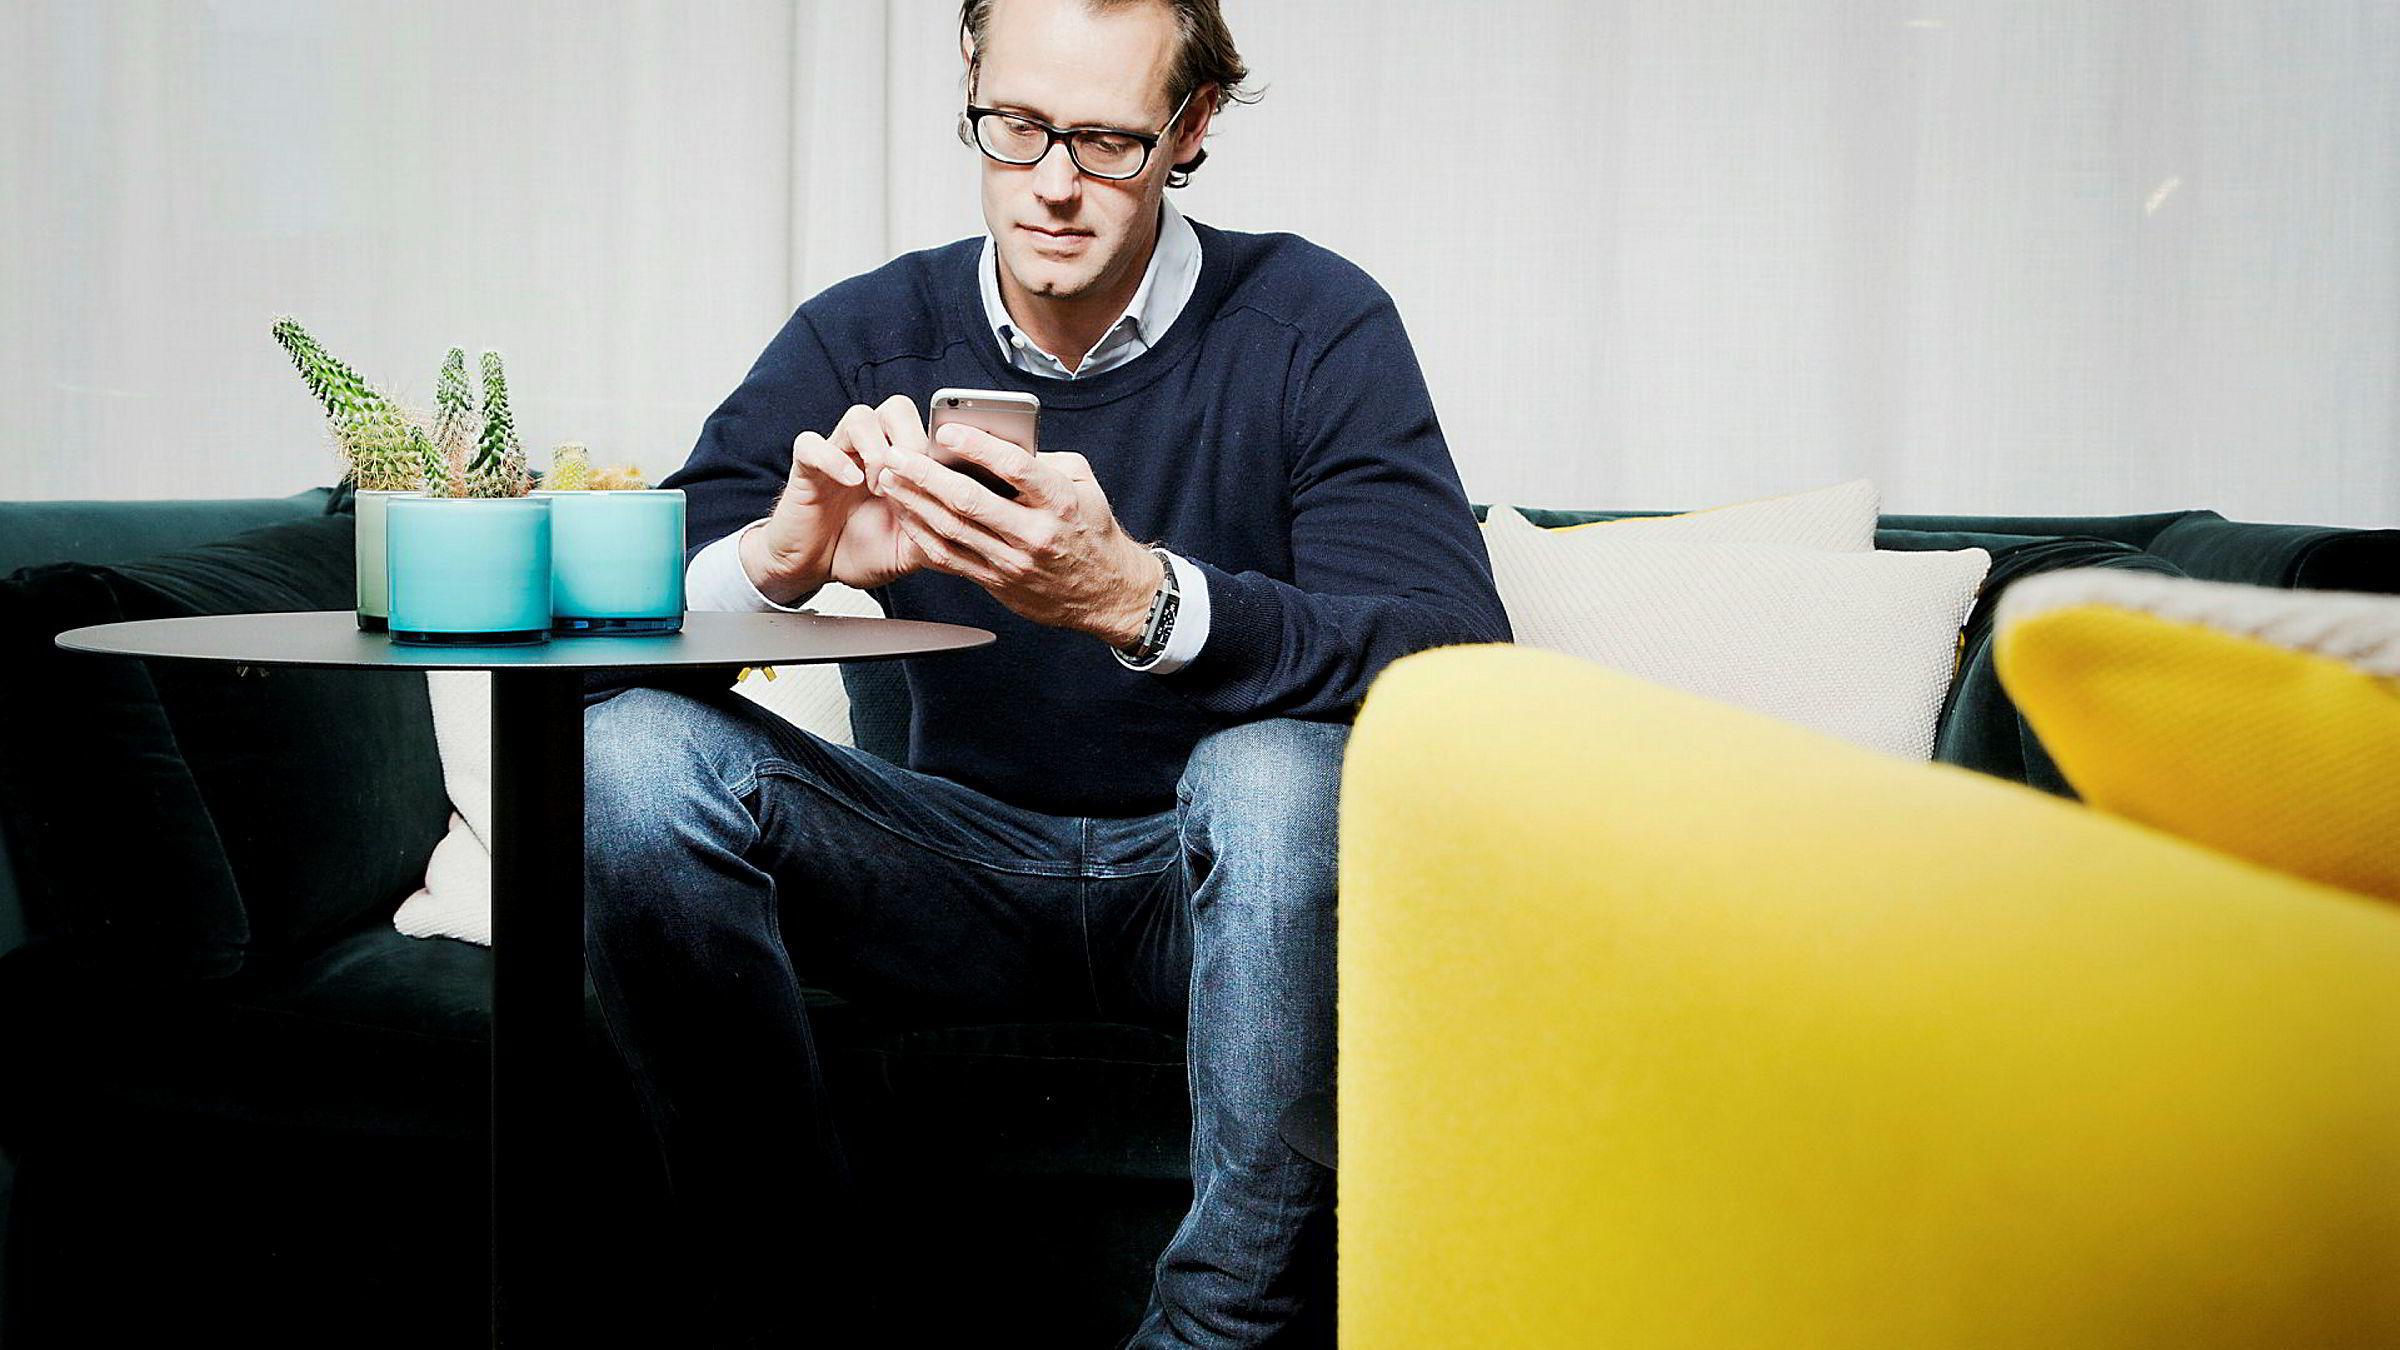 Gründer Jacob de Geer er blitt milliardær på iZettle, som gjør mobiler og nettbrett til butikksystemer og betalingsterminaler ved hjelp av en kortleser.